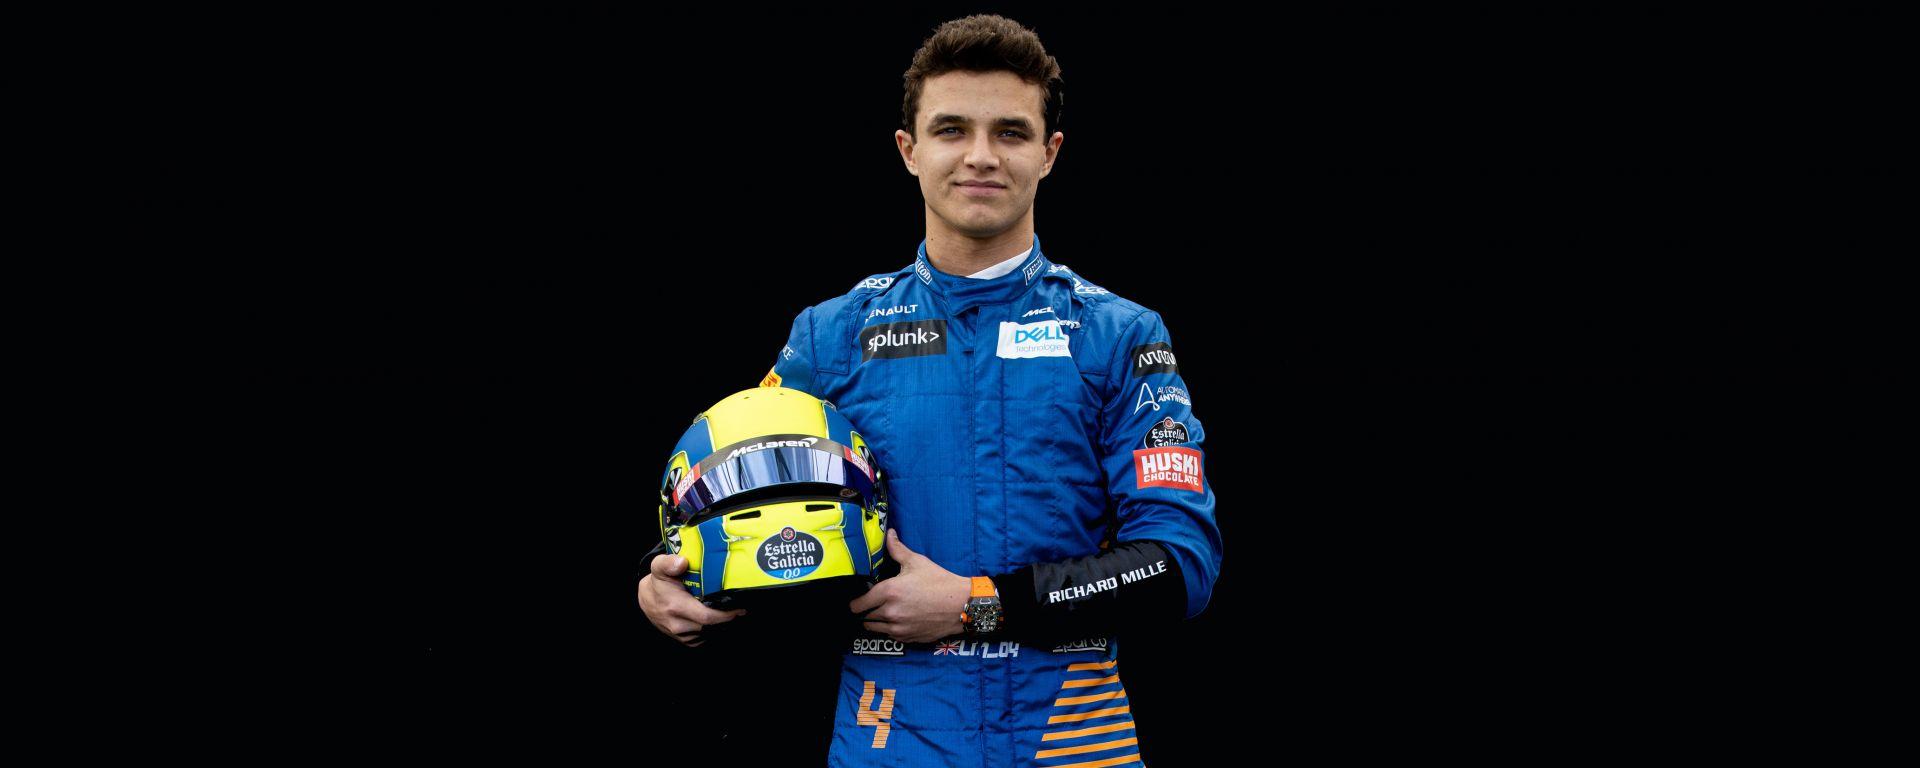 F1 GP Australia 2020, Melbourne: Lando Norris (McLaren)